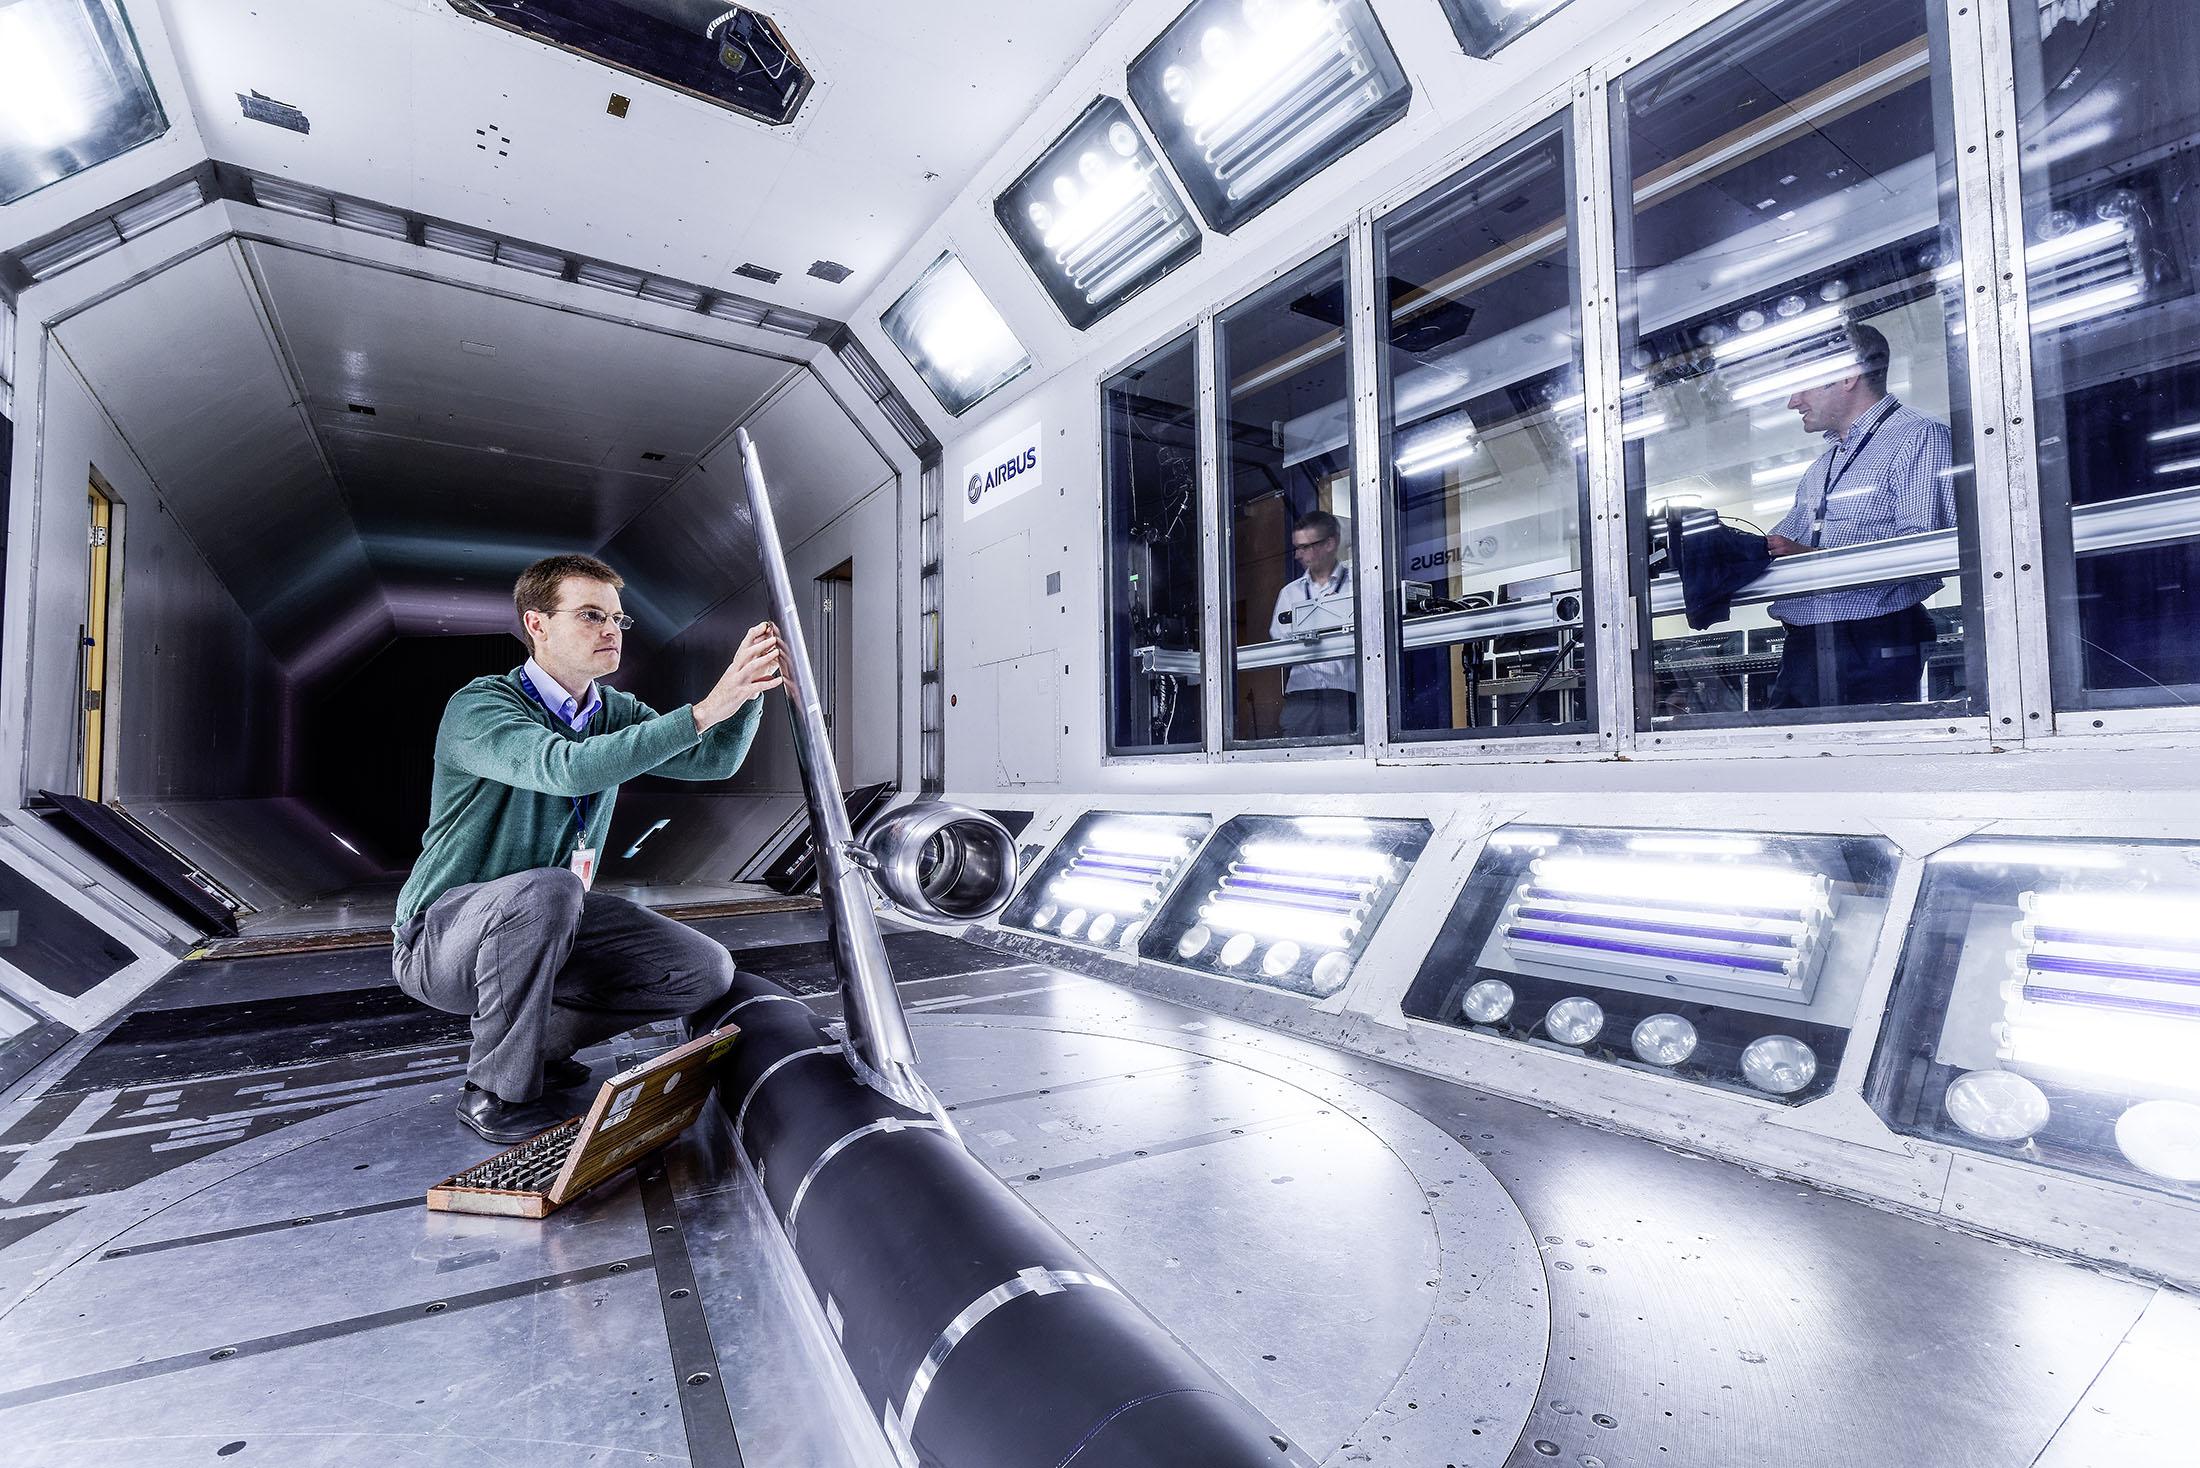 industriefotografie_wolfram schroll_aerospace_70